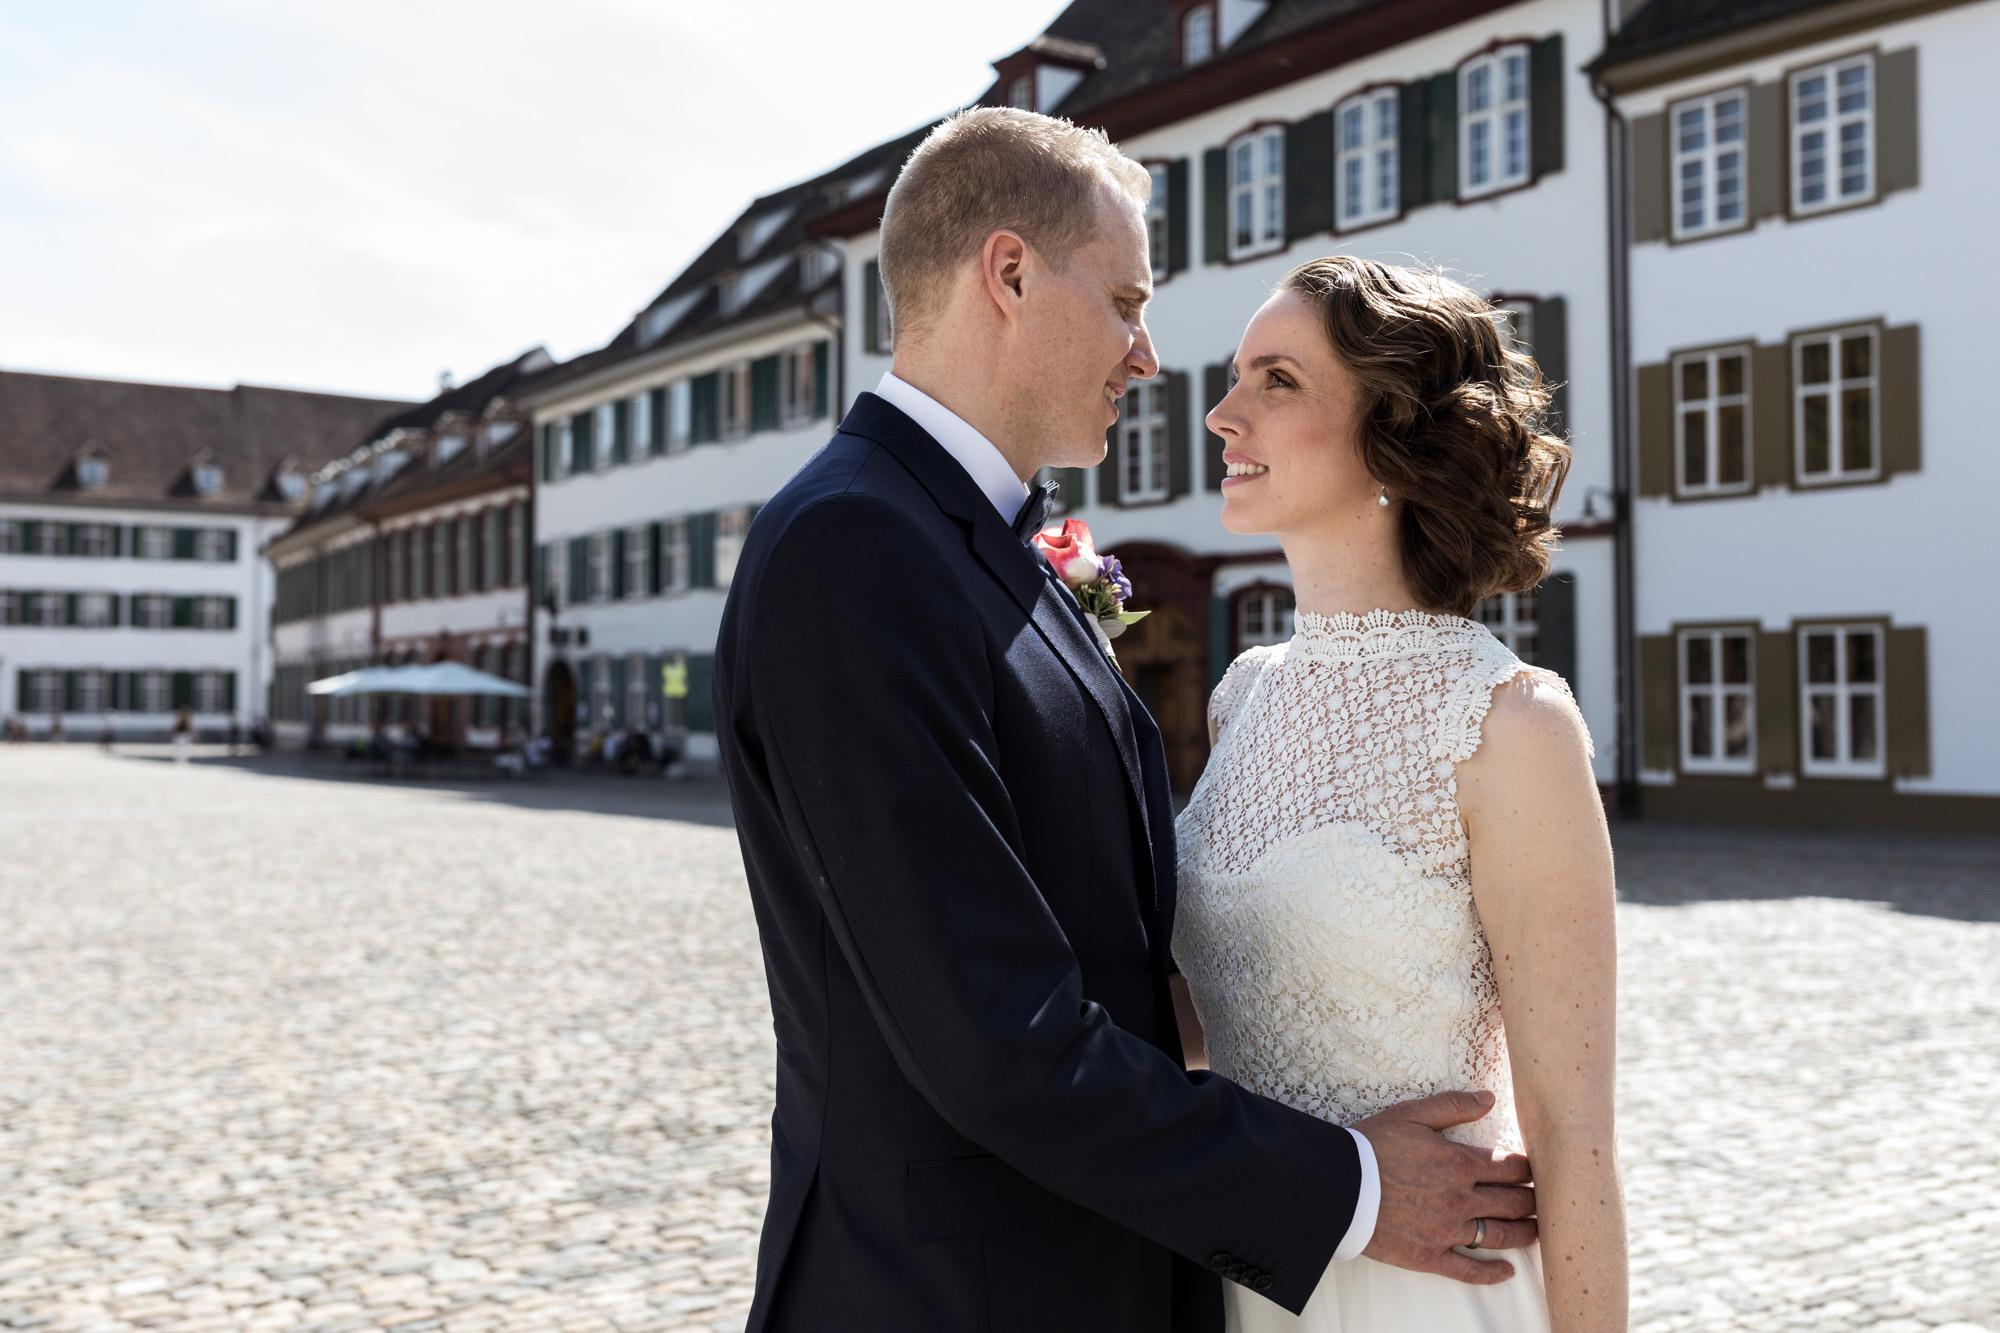 Das Brautpaar auf dem Münsterplatz - Hochzeitsfotografen Basel